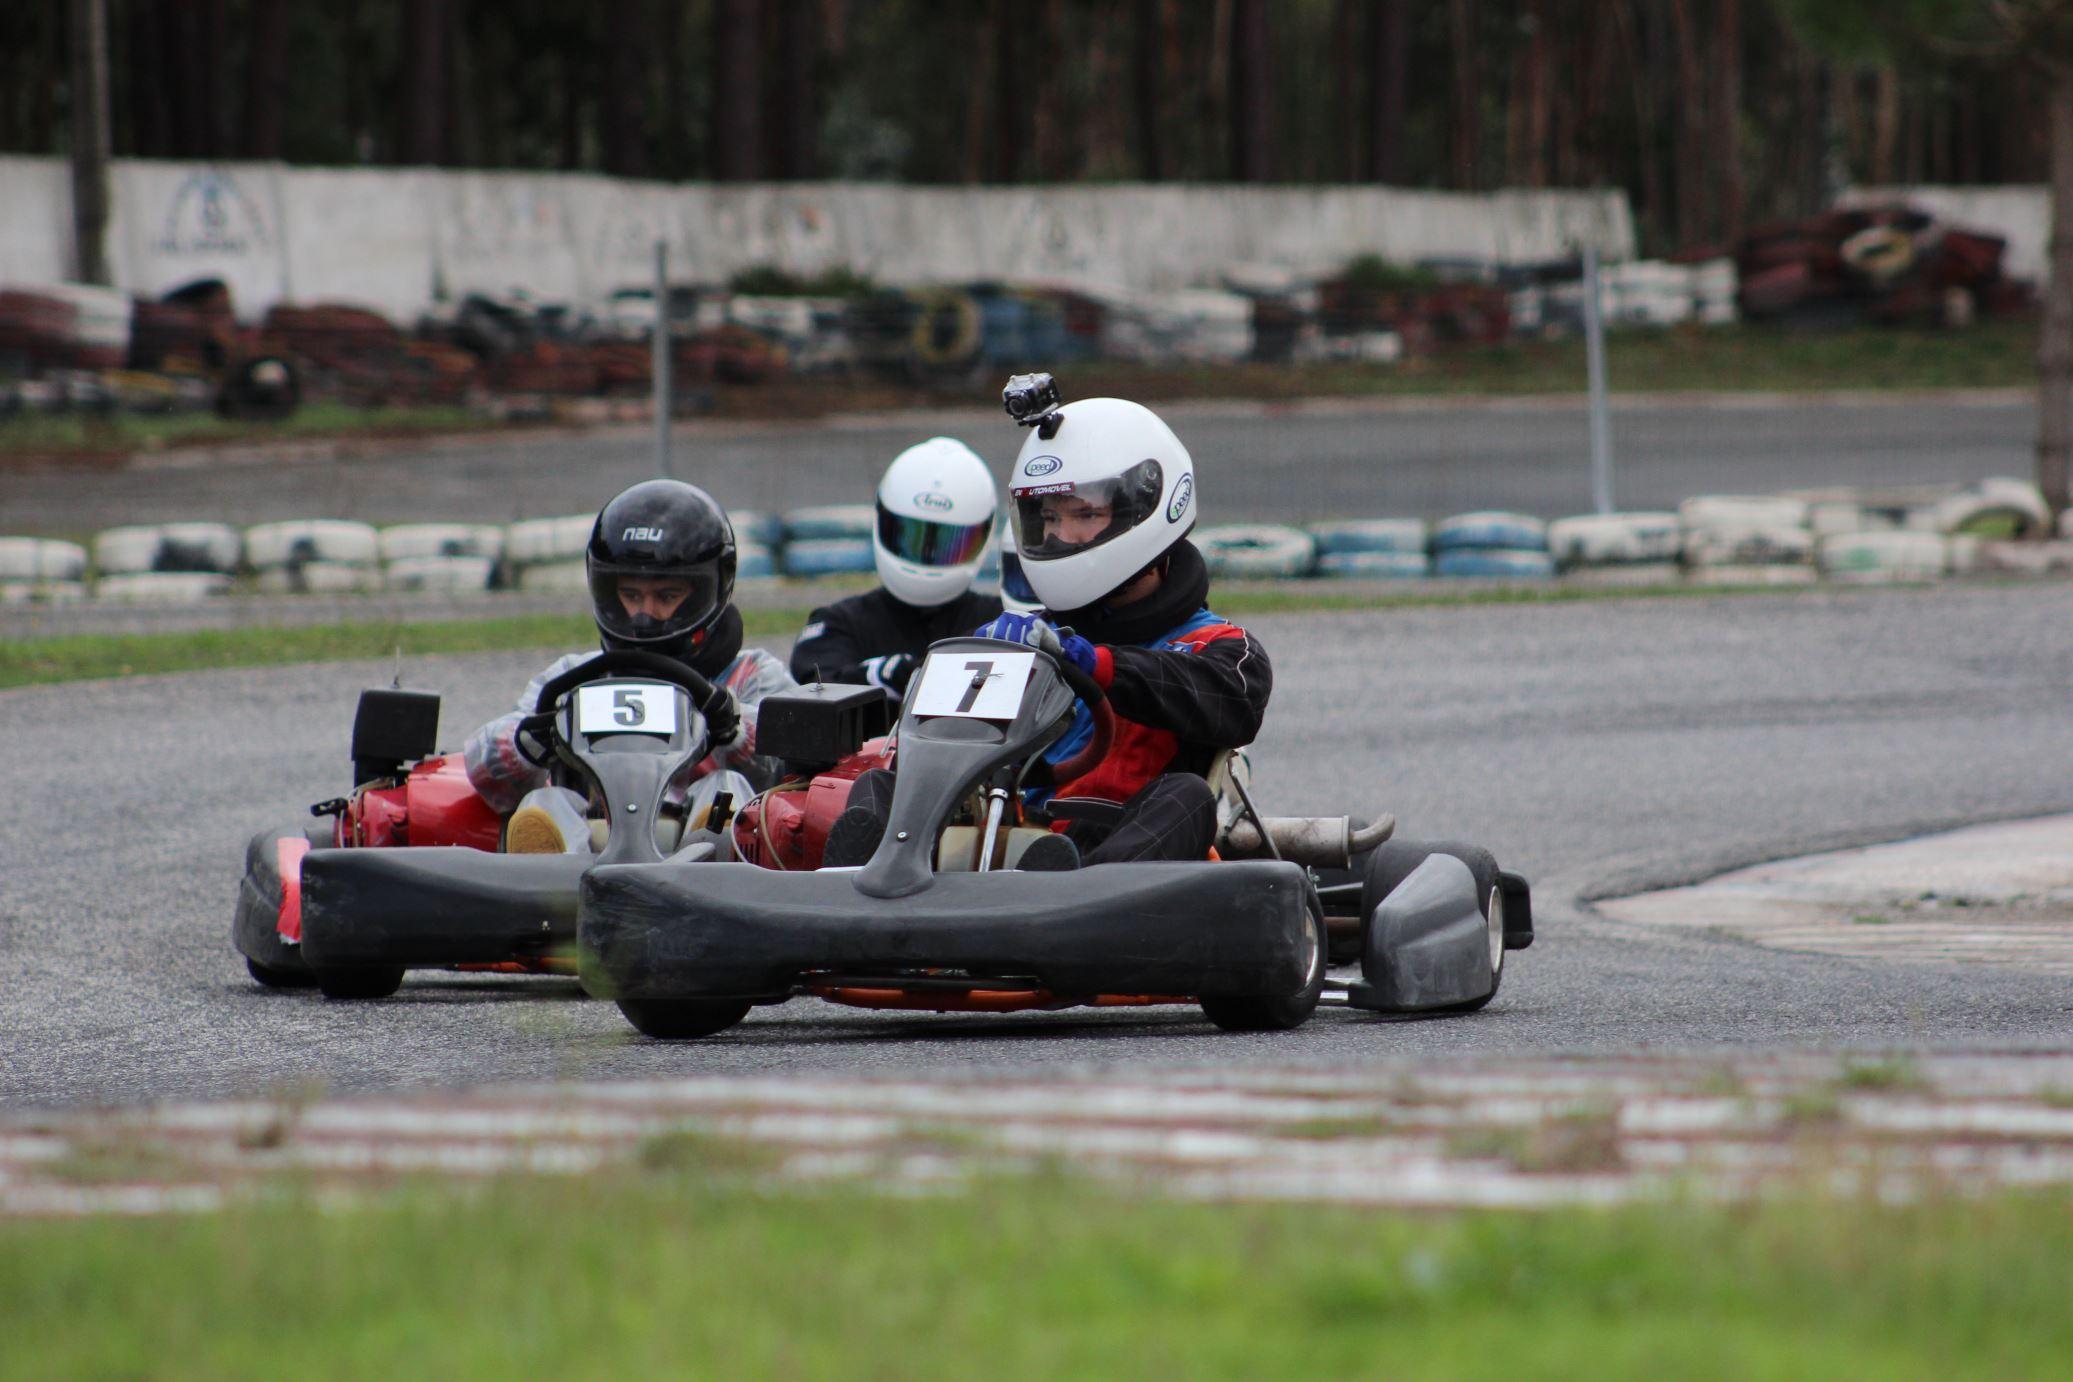 Troféu Honda 2014 - 5ª Prova118